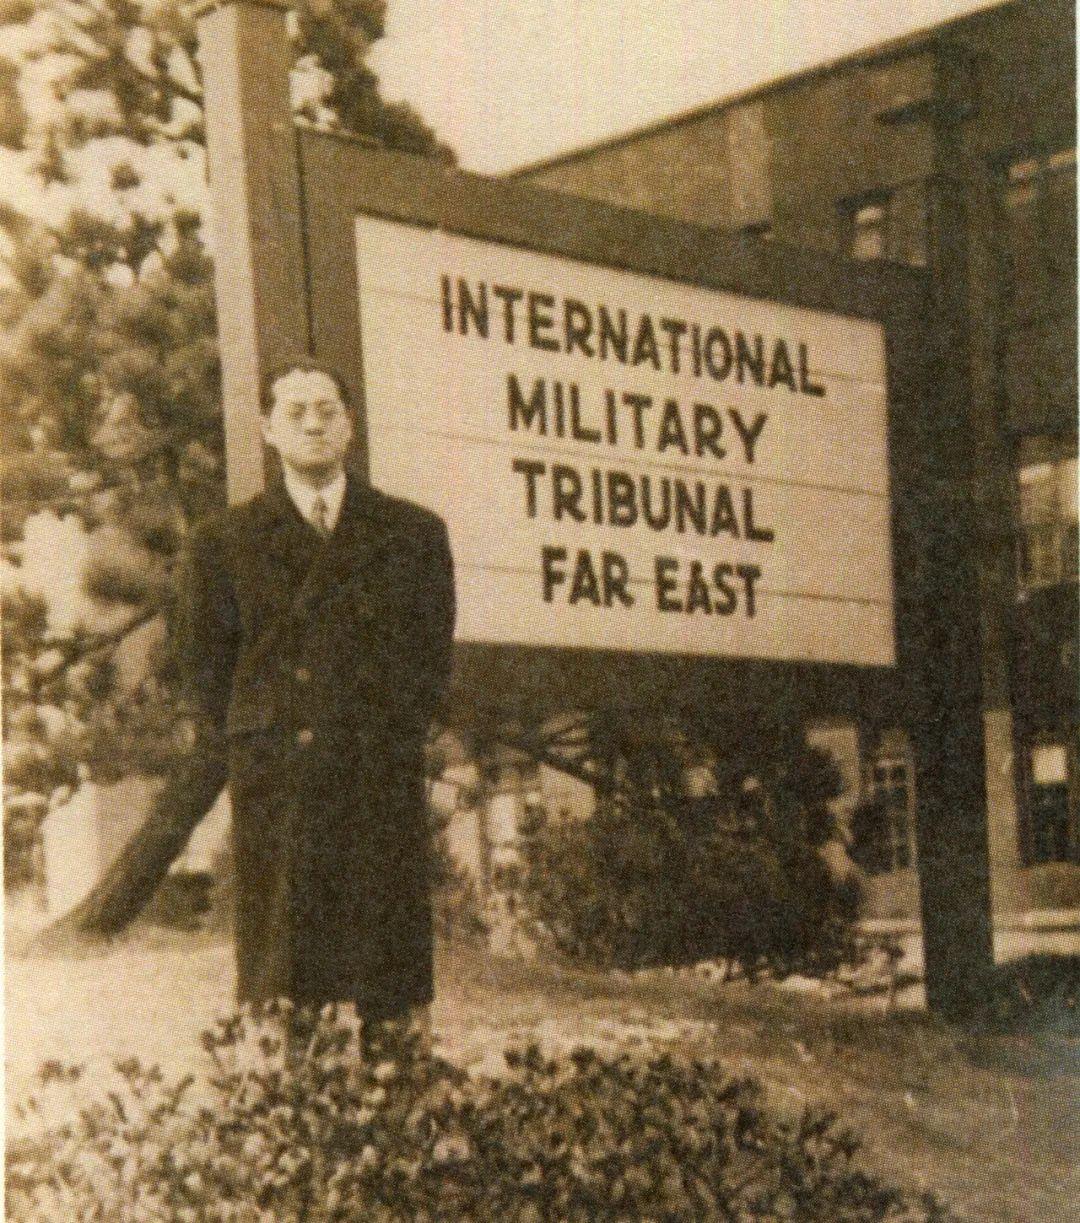 """高文彬在远东国际军事法庭门口的木牌前  """"上海民盟""""微信公众号 图"""